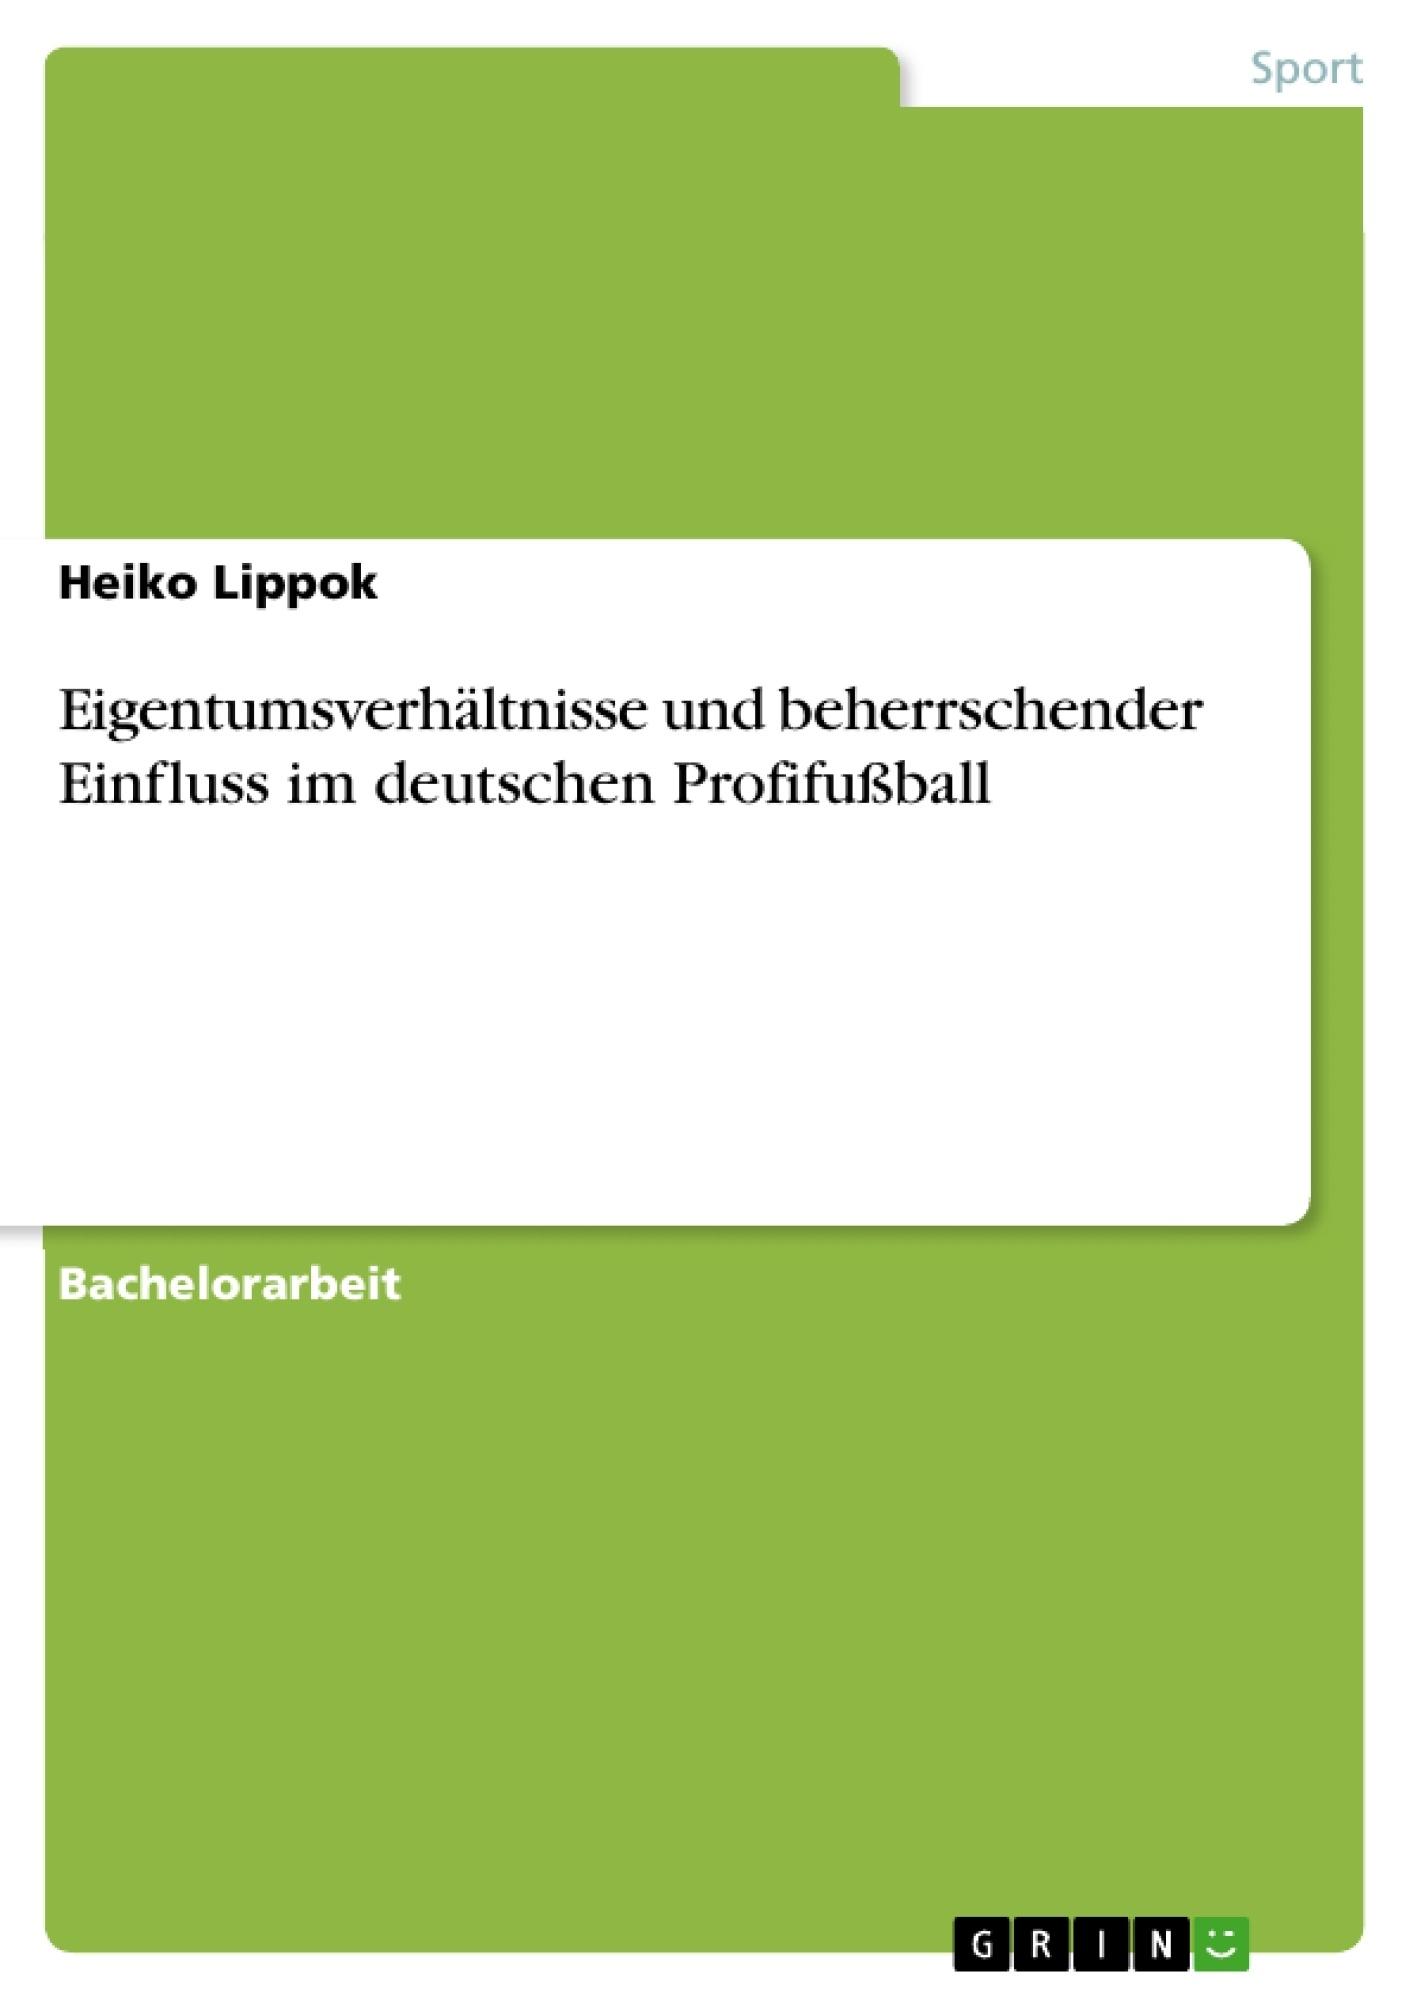 Titel: Eigentumsverhältnisse und beherrschender Einfluss im deutschen Profifußball